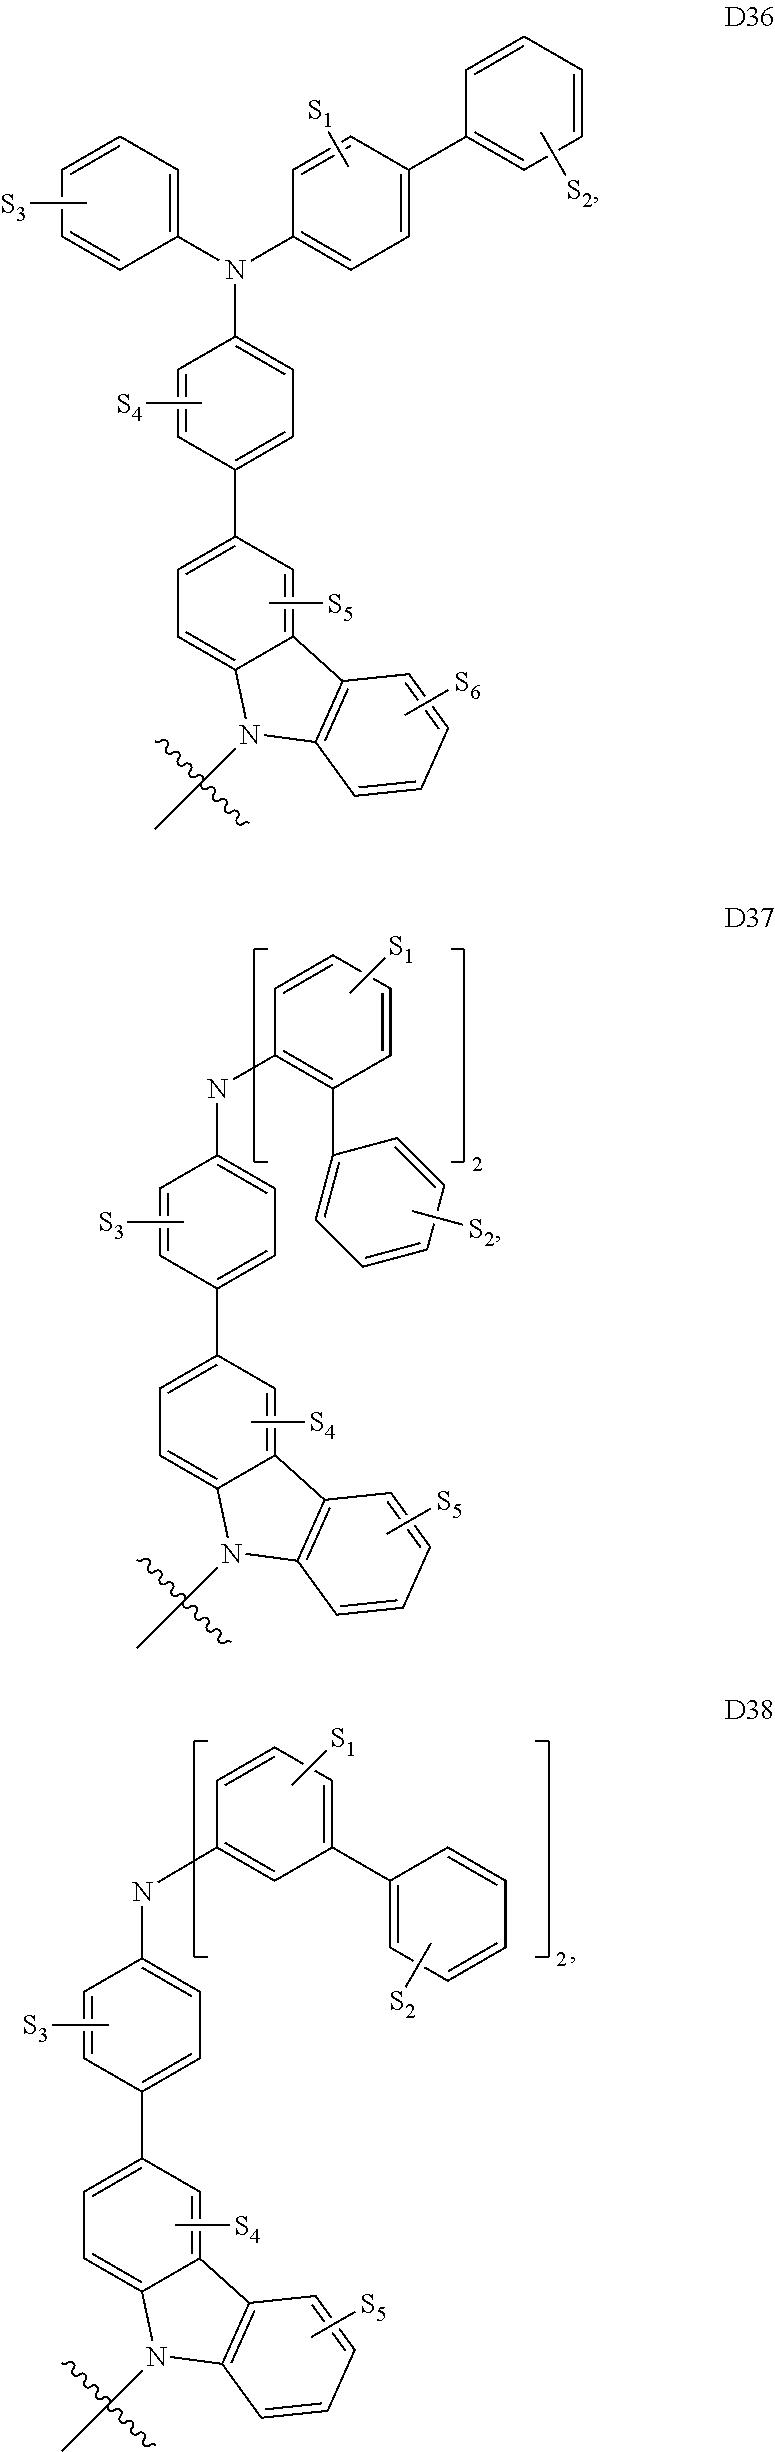 Figure US09537106-20170103-C00575